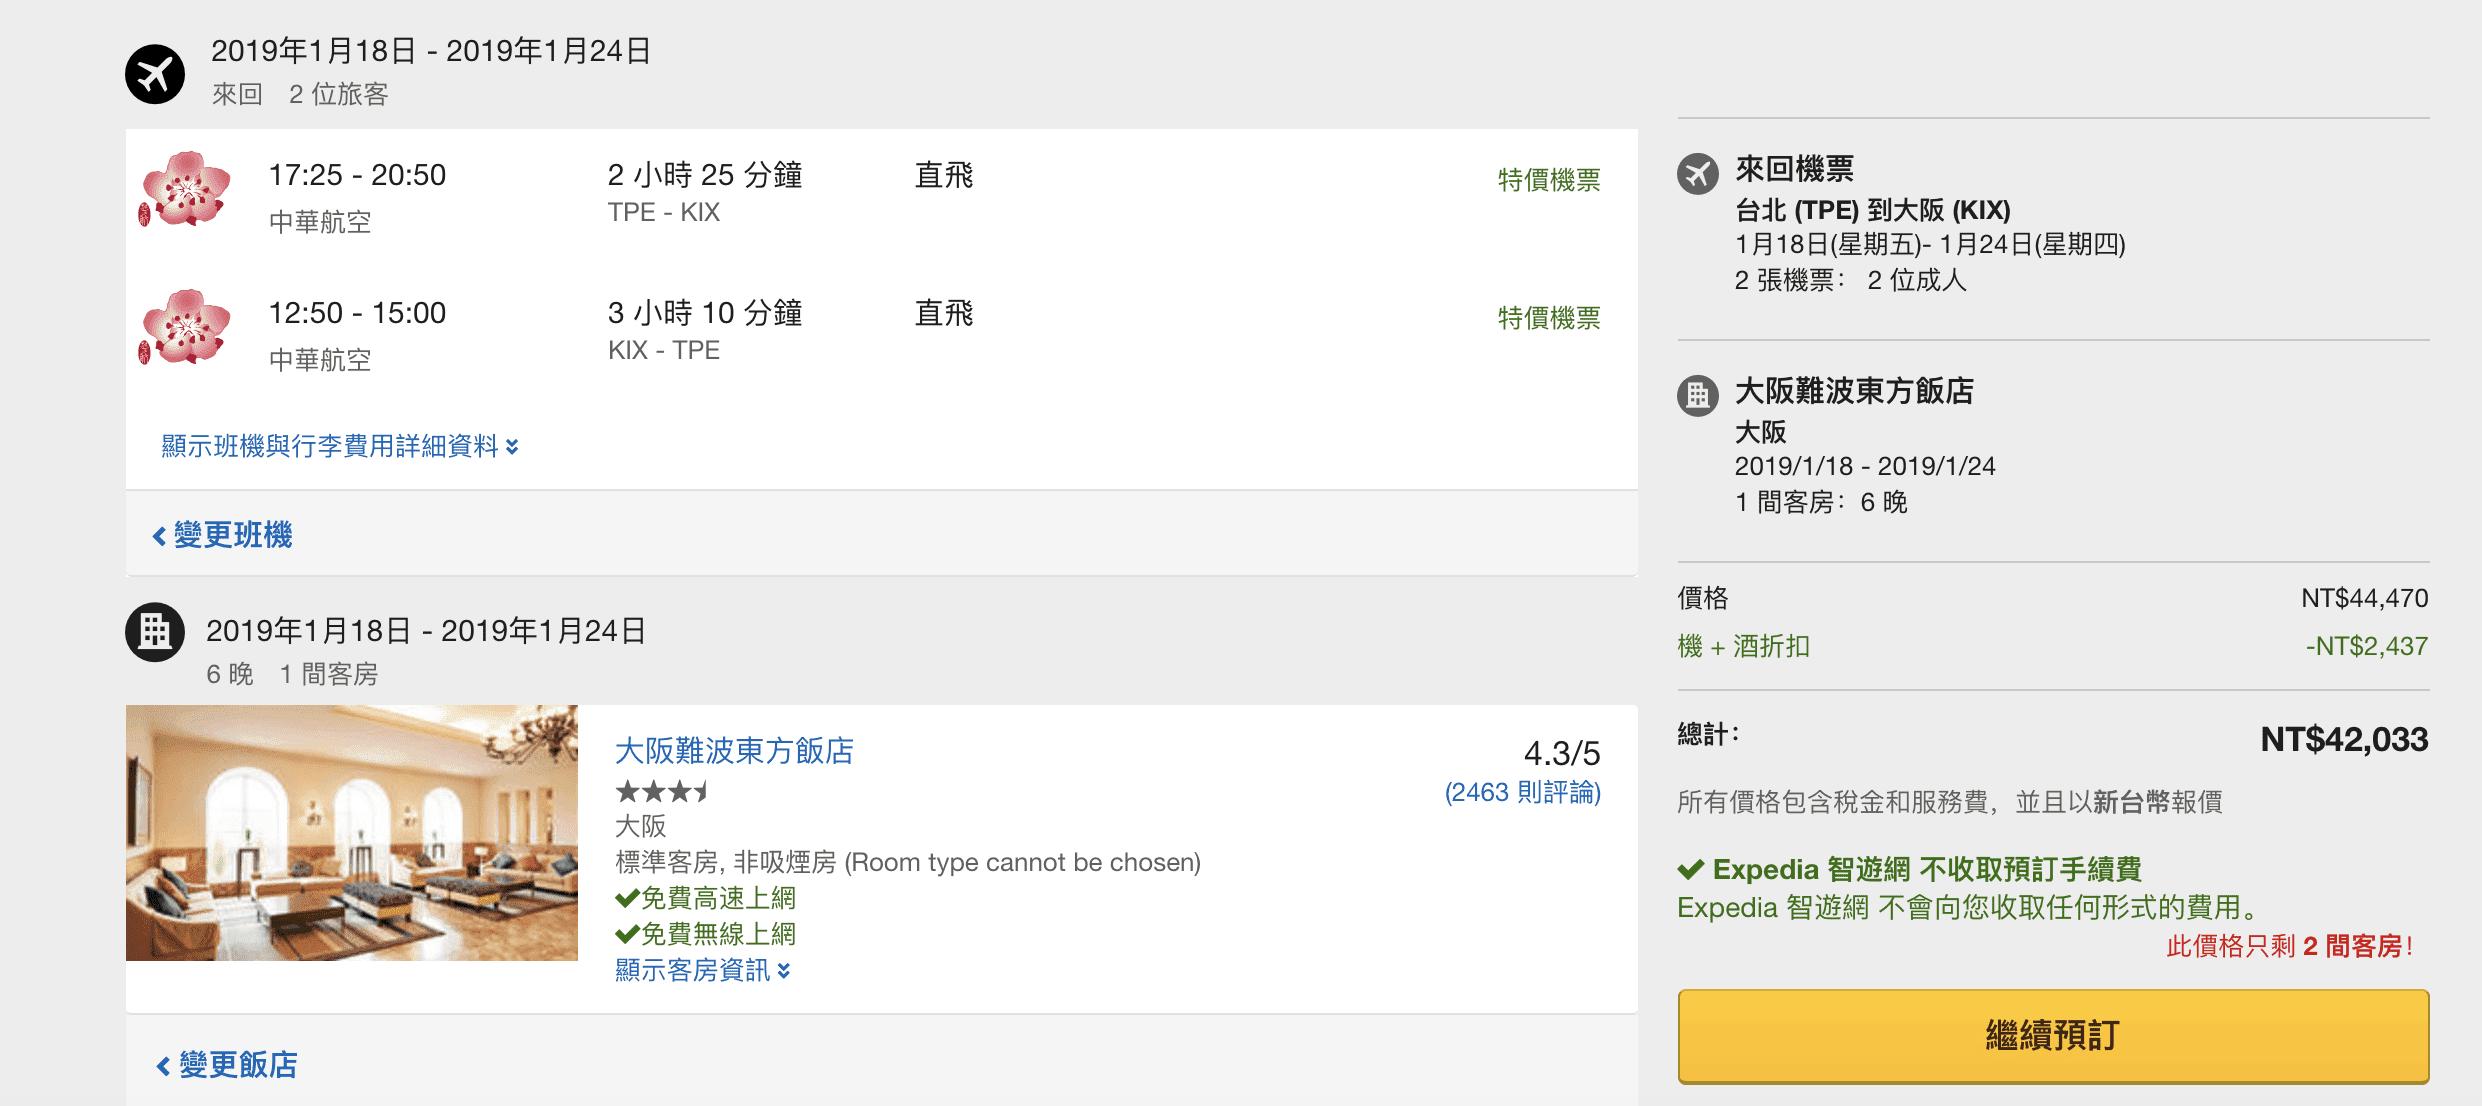 寒假/賞櫻超優惠,日本線優惠旅行這樣買,也不會太貴喔~(查票:107.9.22)